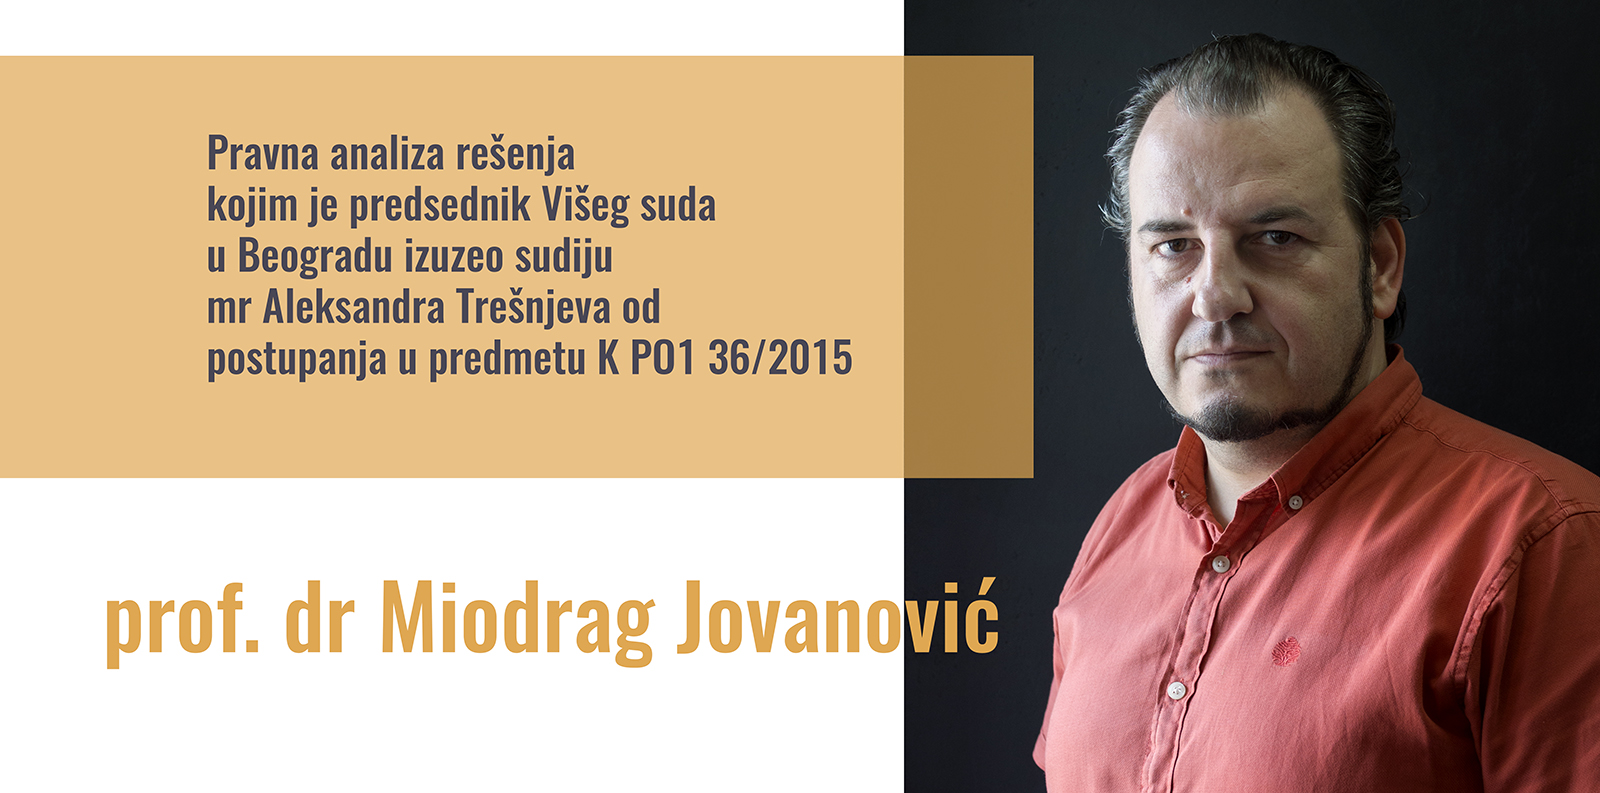 Sudija Aleskandar Trešnjev izuzet zbog članstva u CEPRIS-u – pravna analiza prof. dr Miodraga Jovanovića